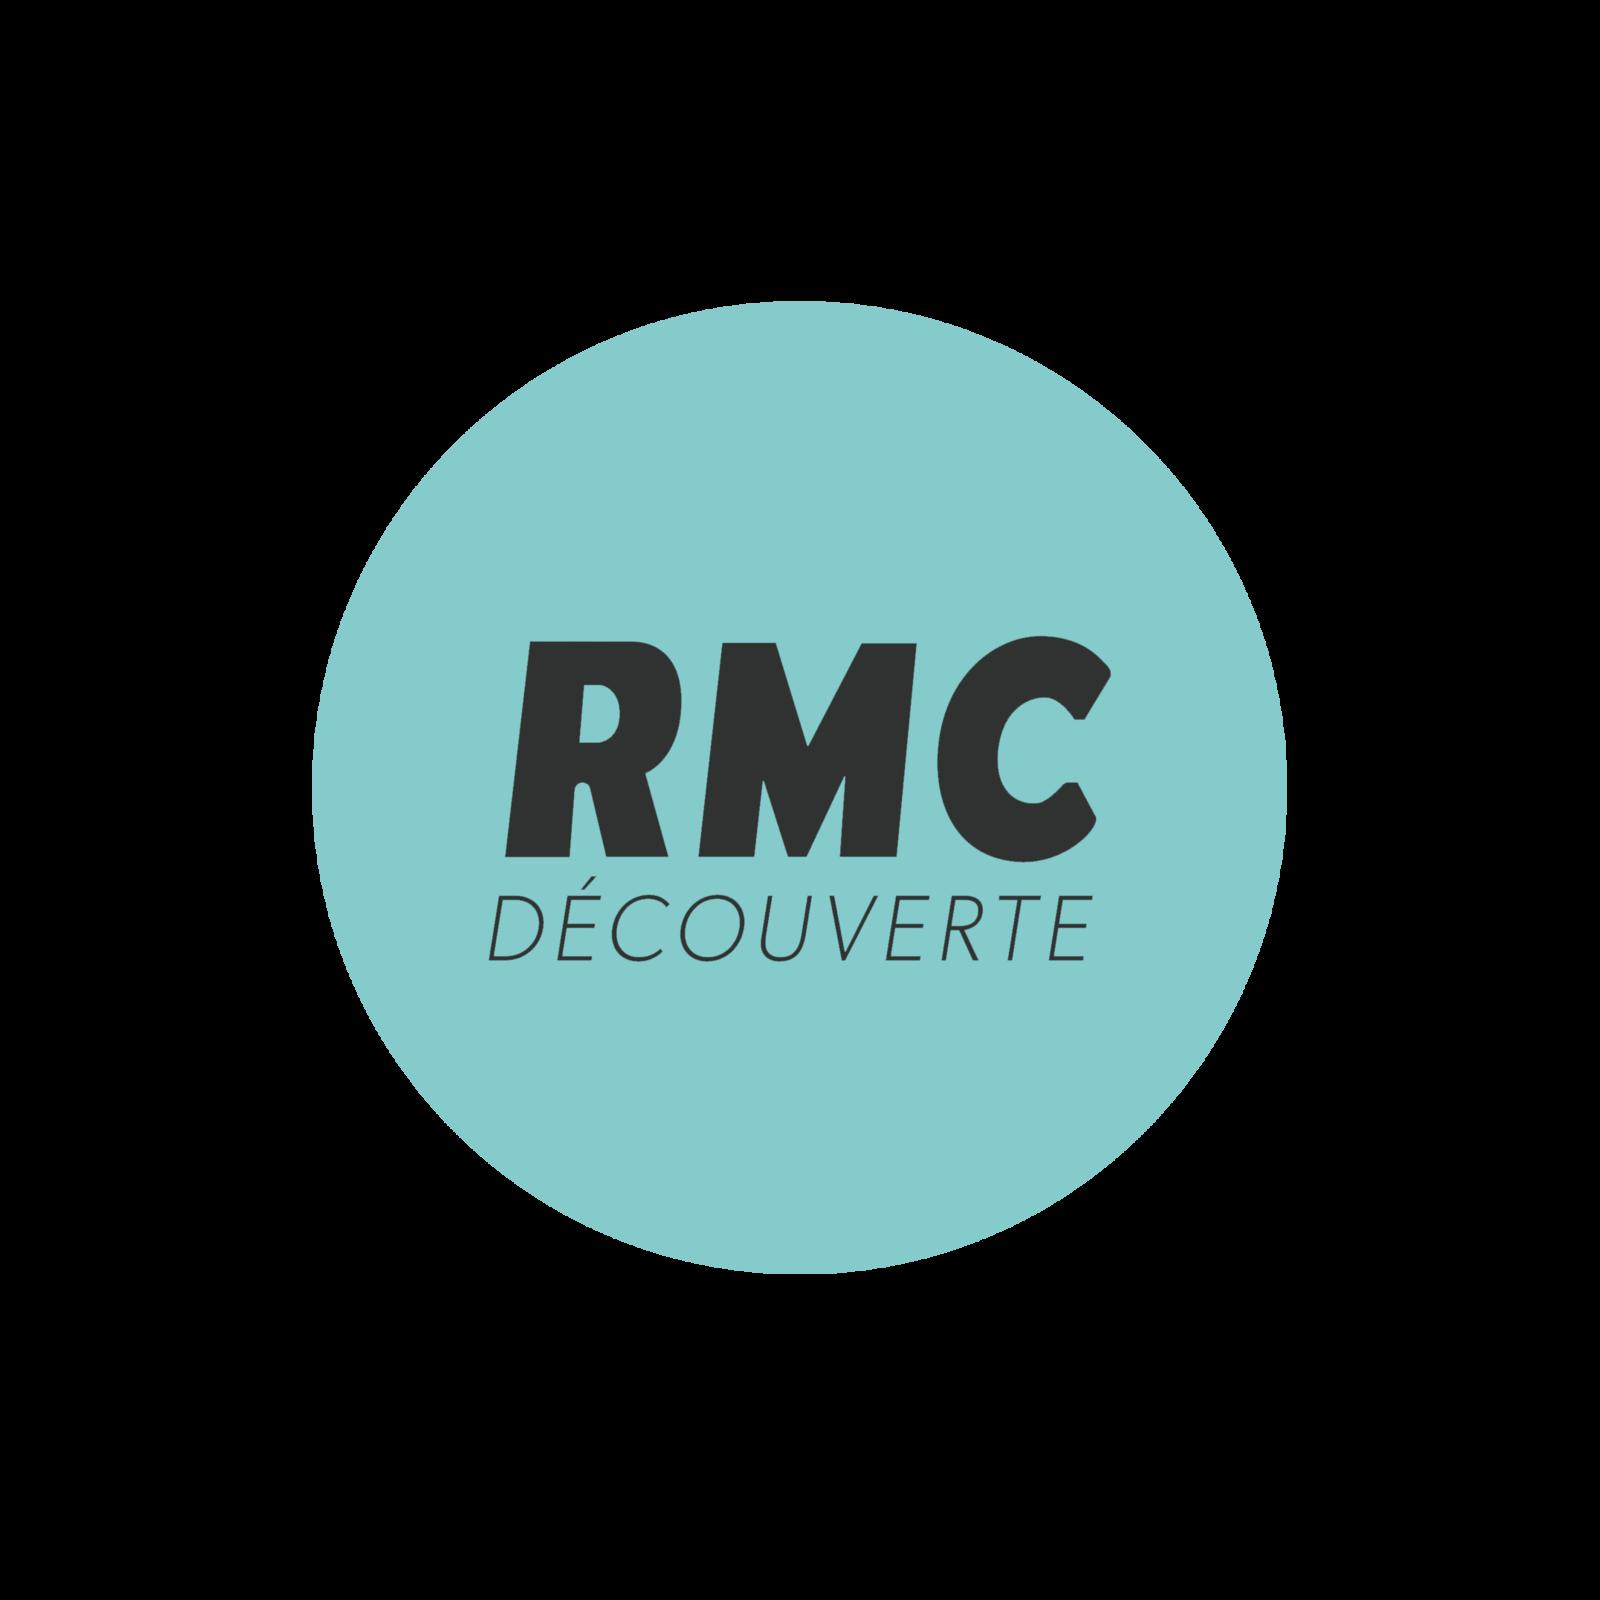 Document inédit ce mercredi soir sur RMC Découverte : Paris, l'incroyable chantier de Haussmann.